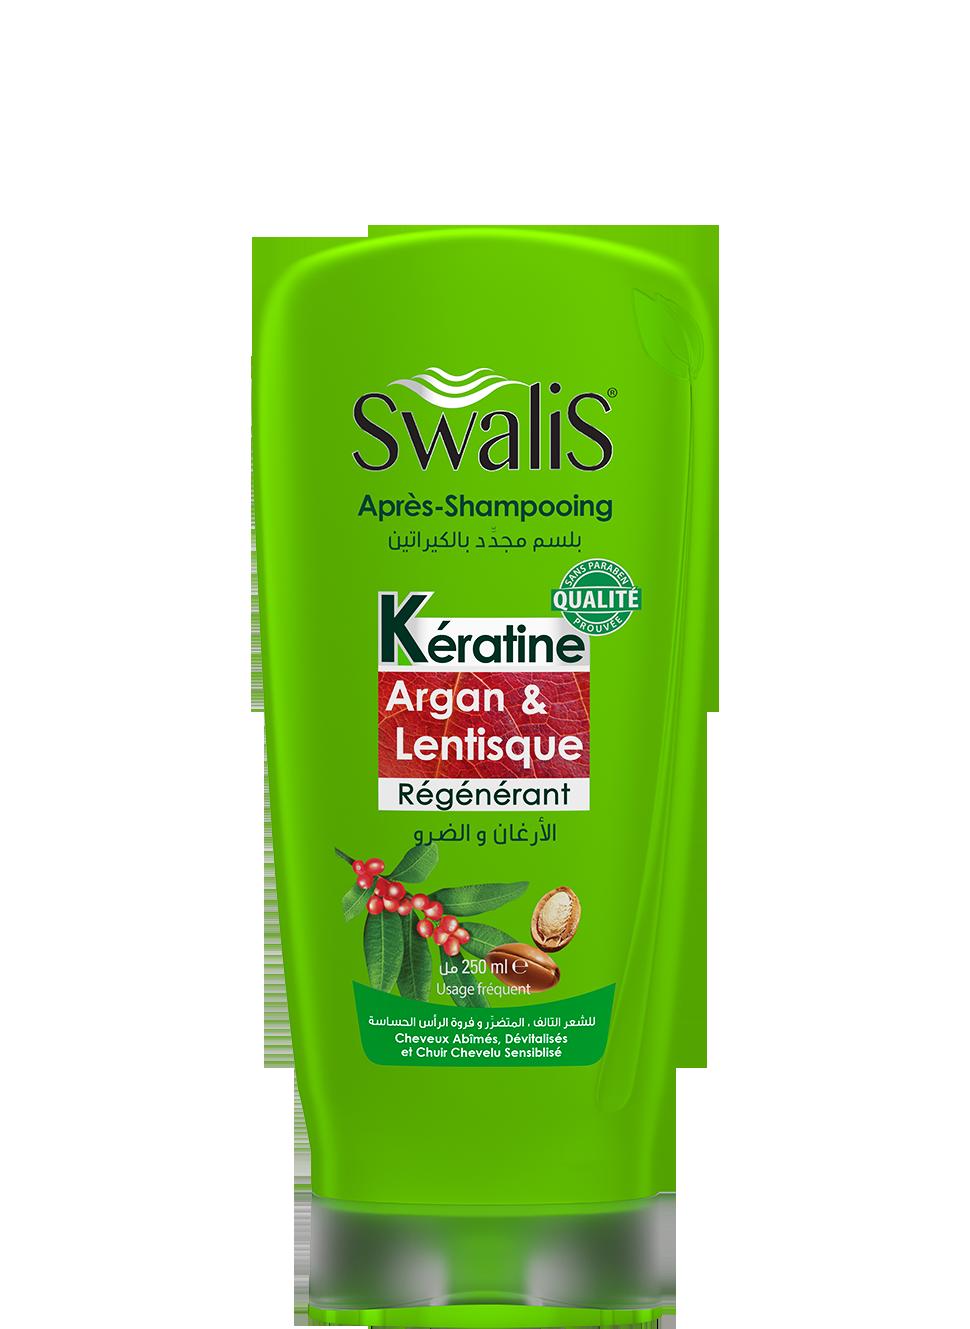 Après shampooing Régénérant